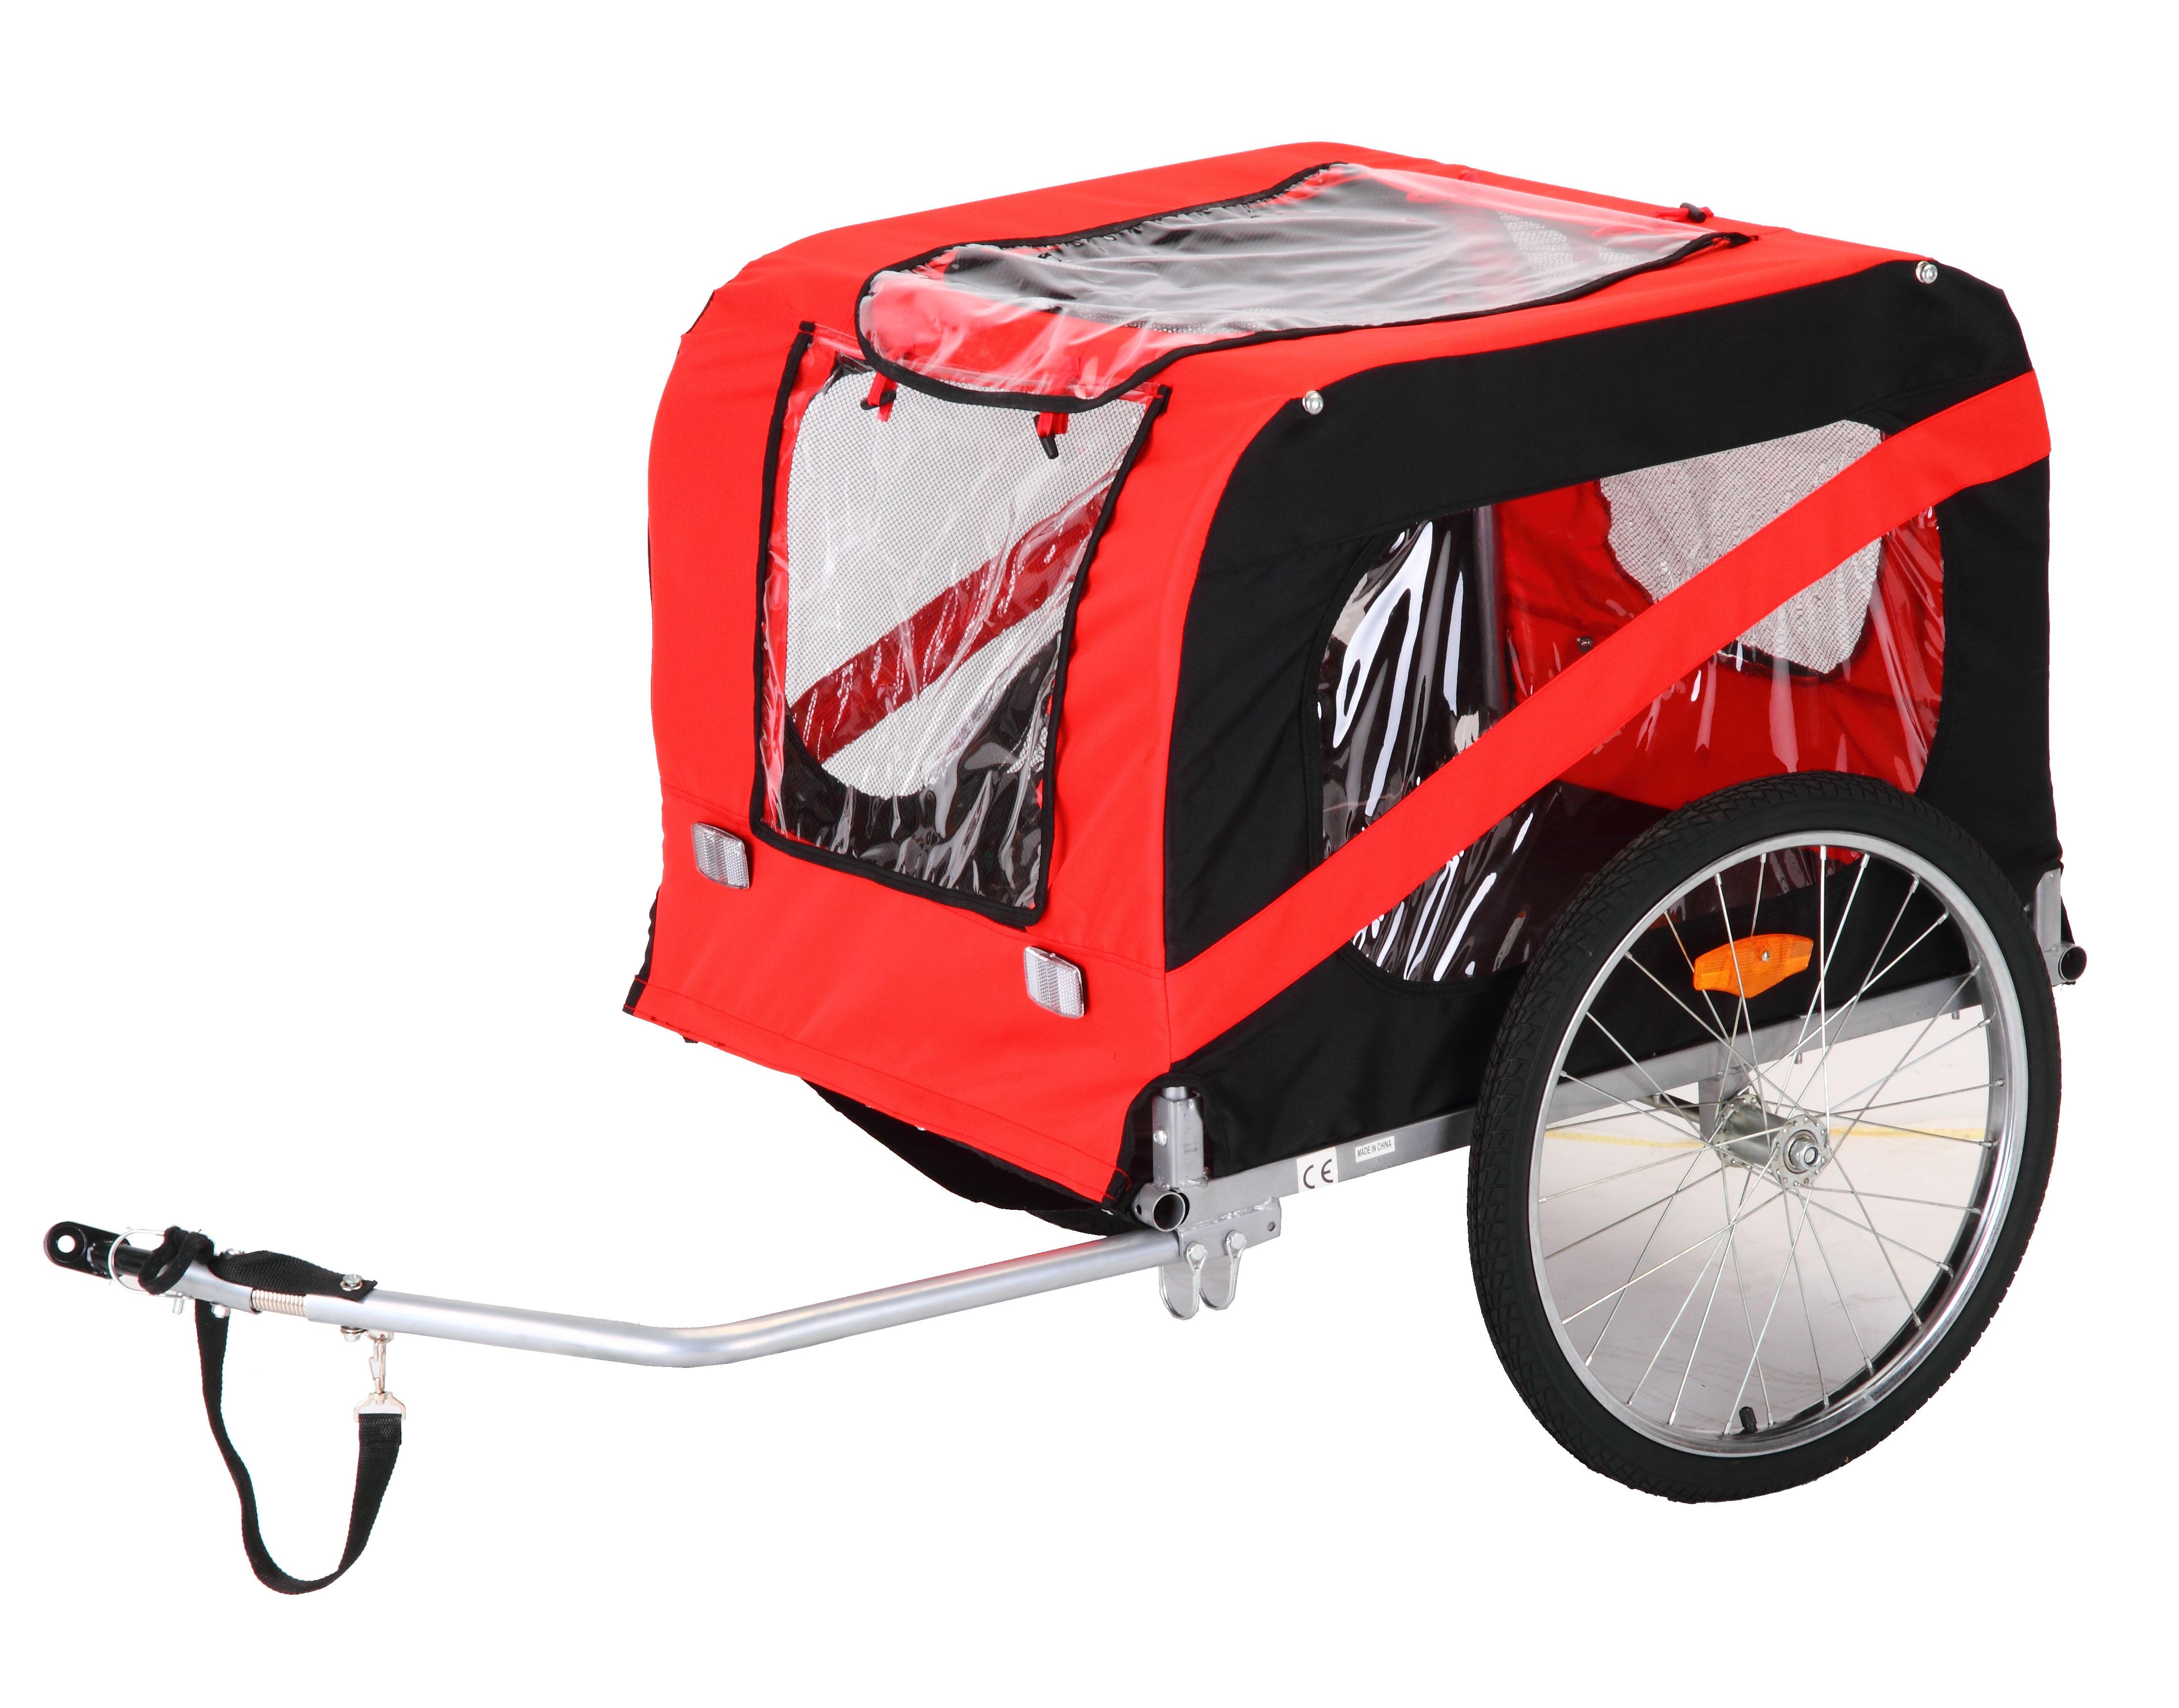 fahrrad anh nger hund haustier katze transport r b ebay. Black Bedroom Furniture Sets. Home Design Ideas